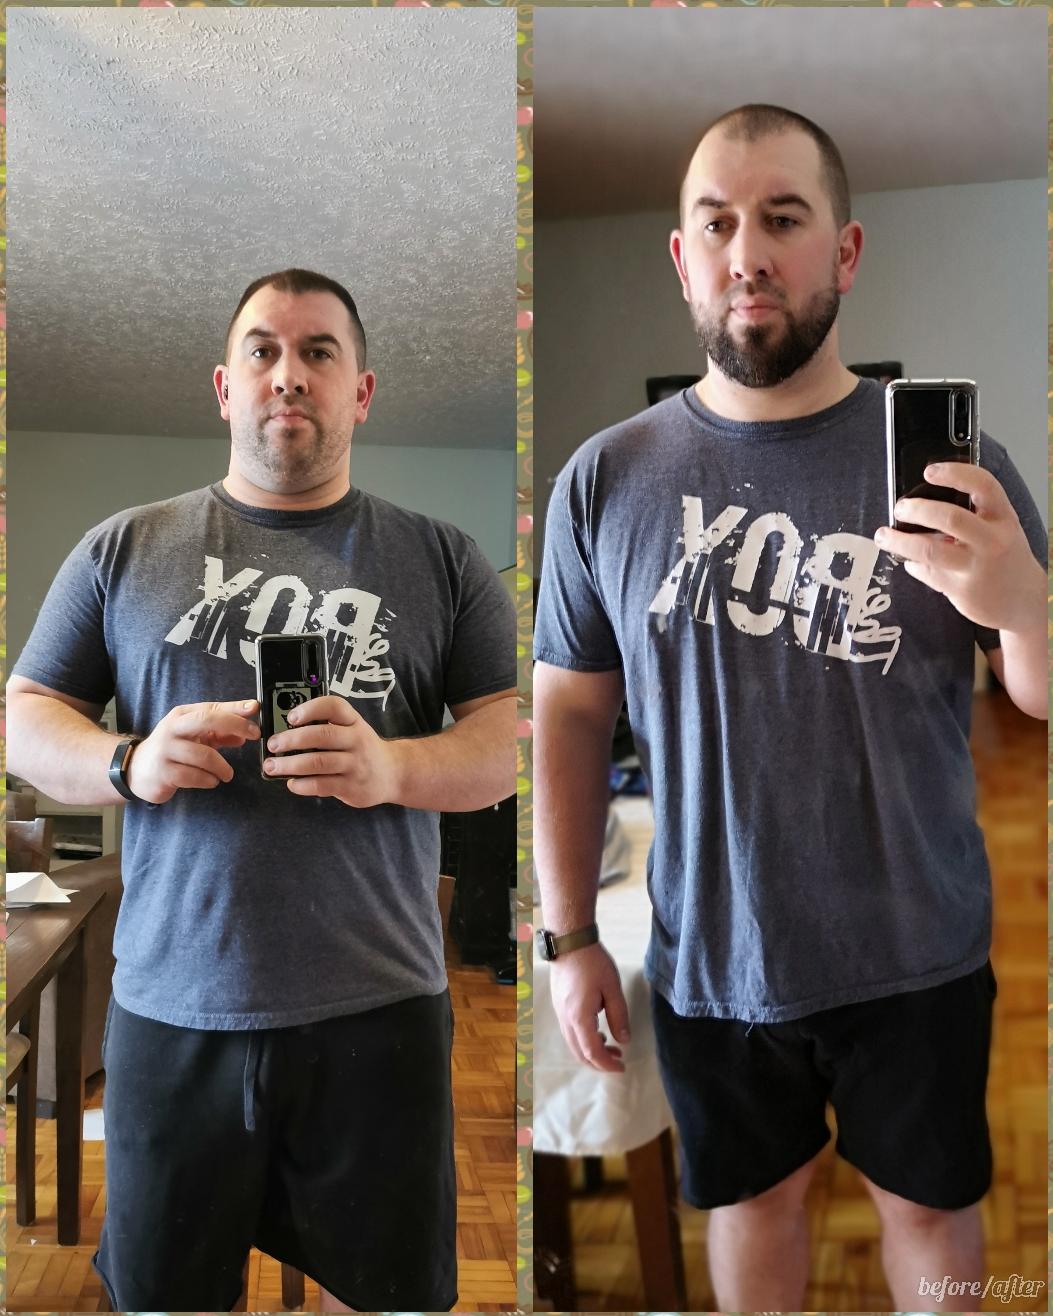 5'10 Male Progress Pics of 45 lbs Fat Loss 285 lbs to 240 lbs